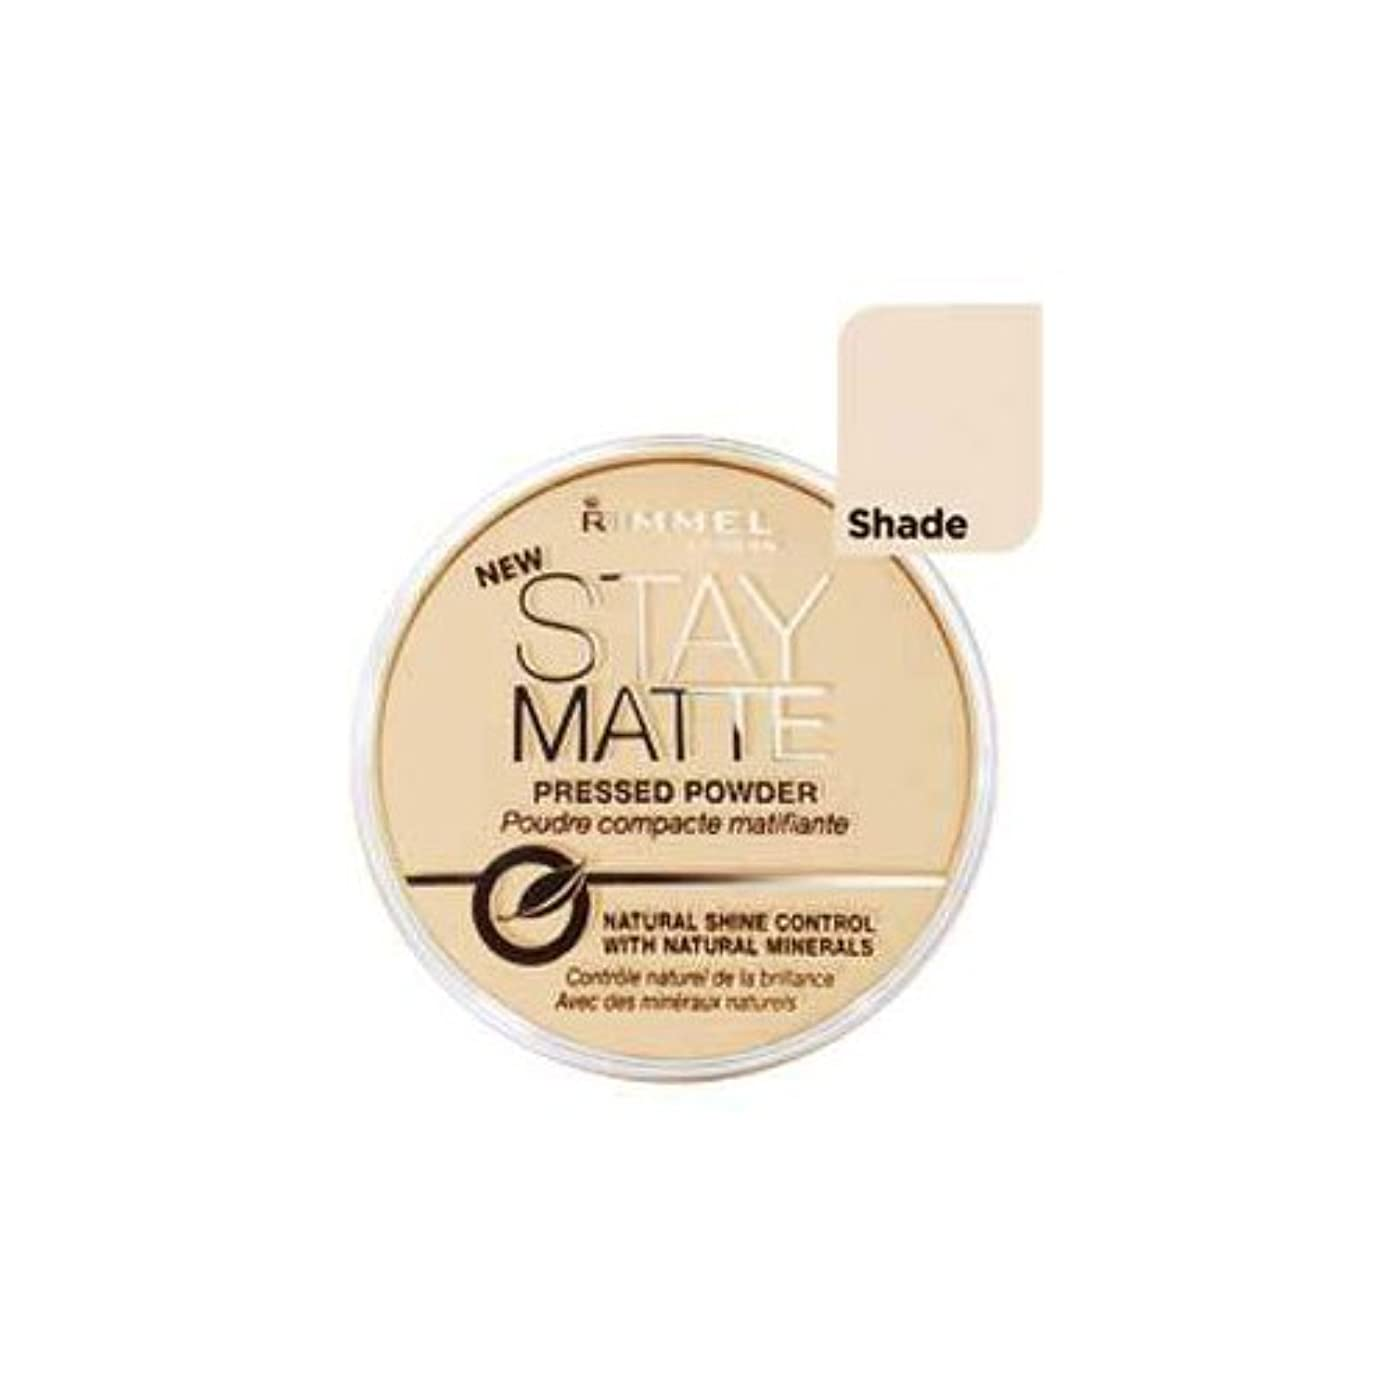 補体メーカー修士号Rimmel Stay Matte Natural Shine Control Pressed Powder Silky Beige (2-Pack) (並行輸入品)